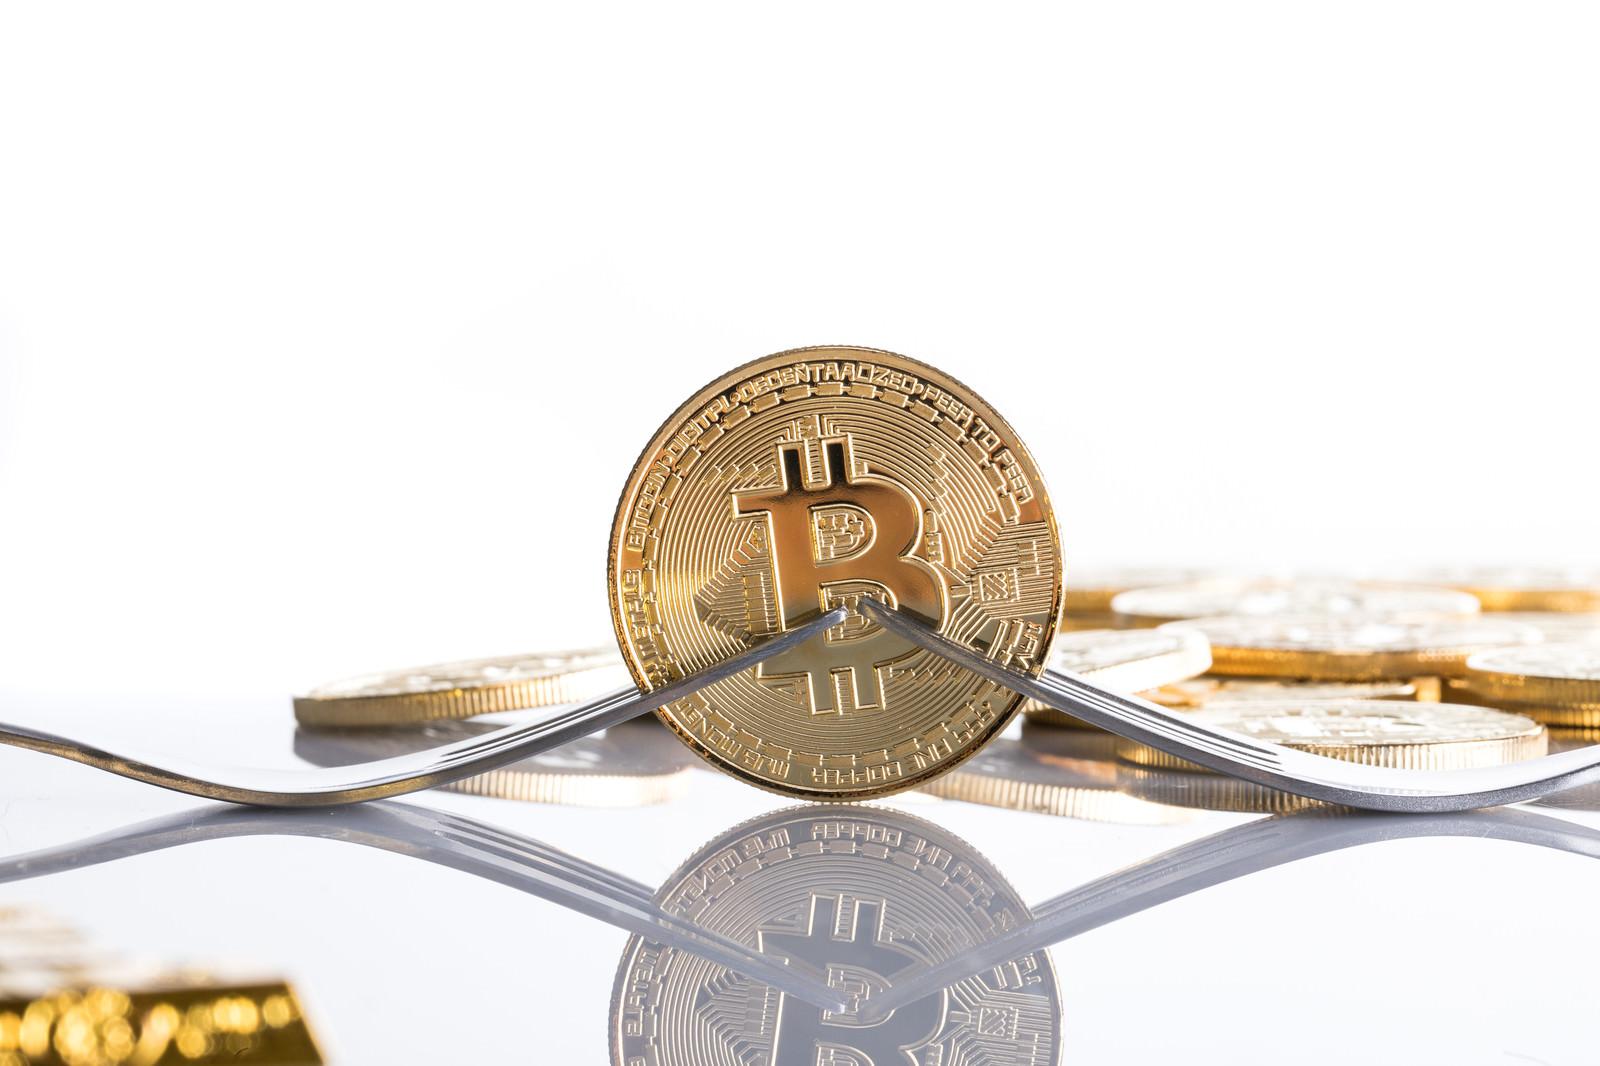 「ビットコイン分裂(ハードフォーク)」の写真